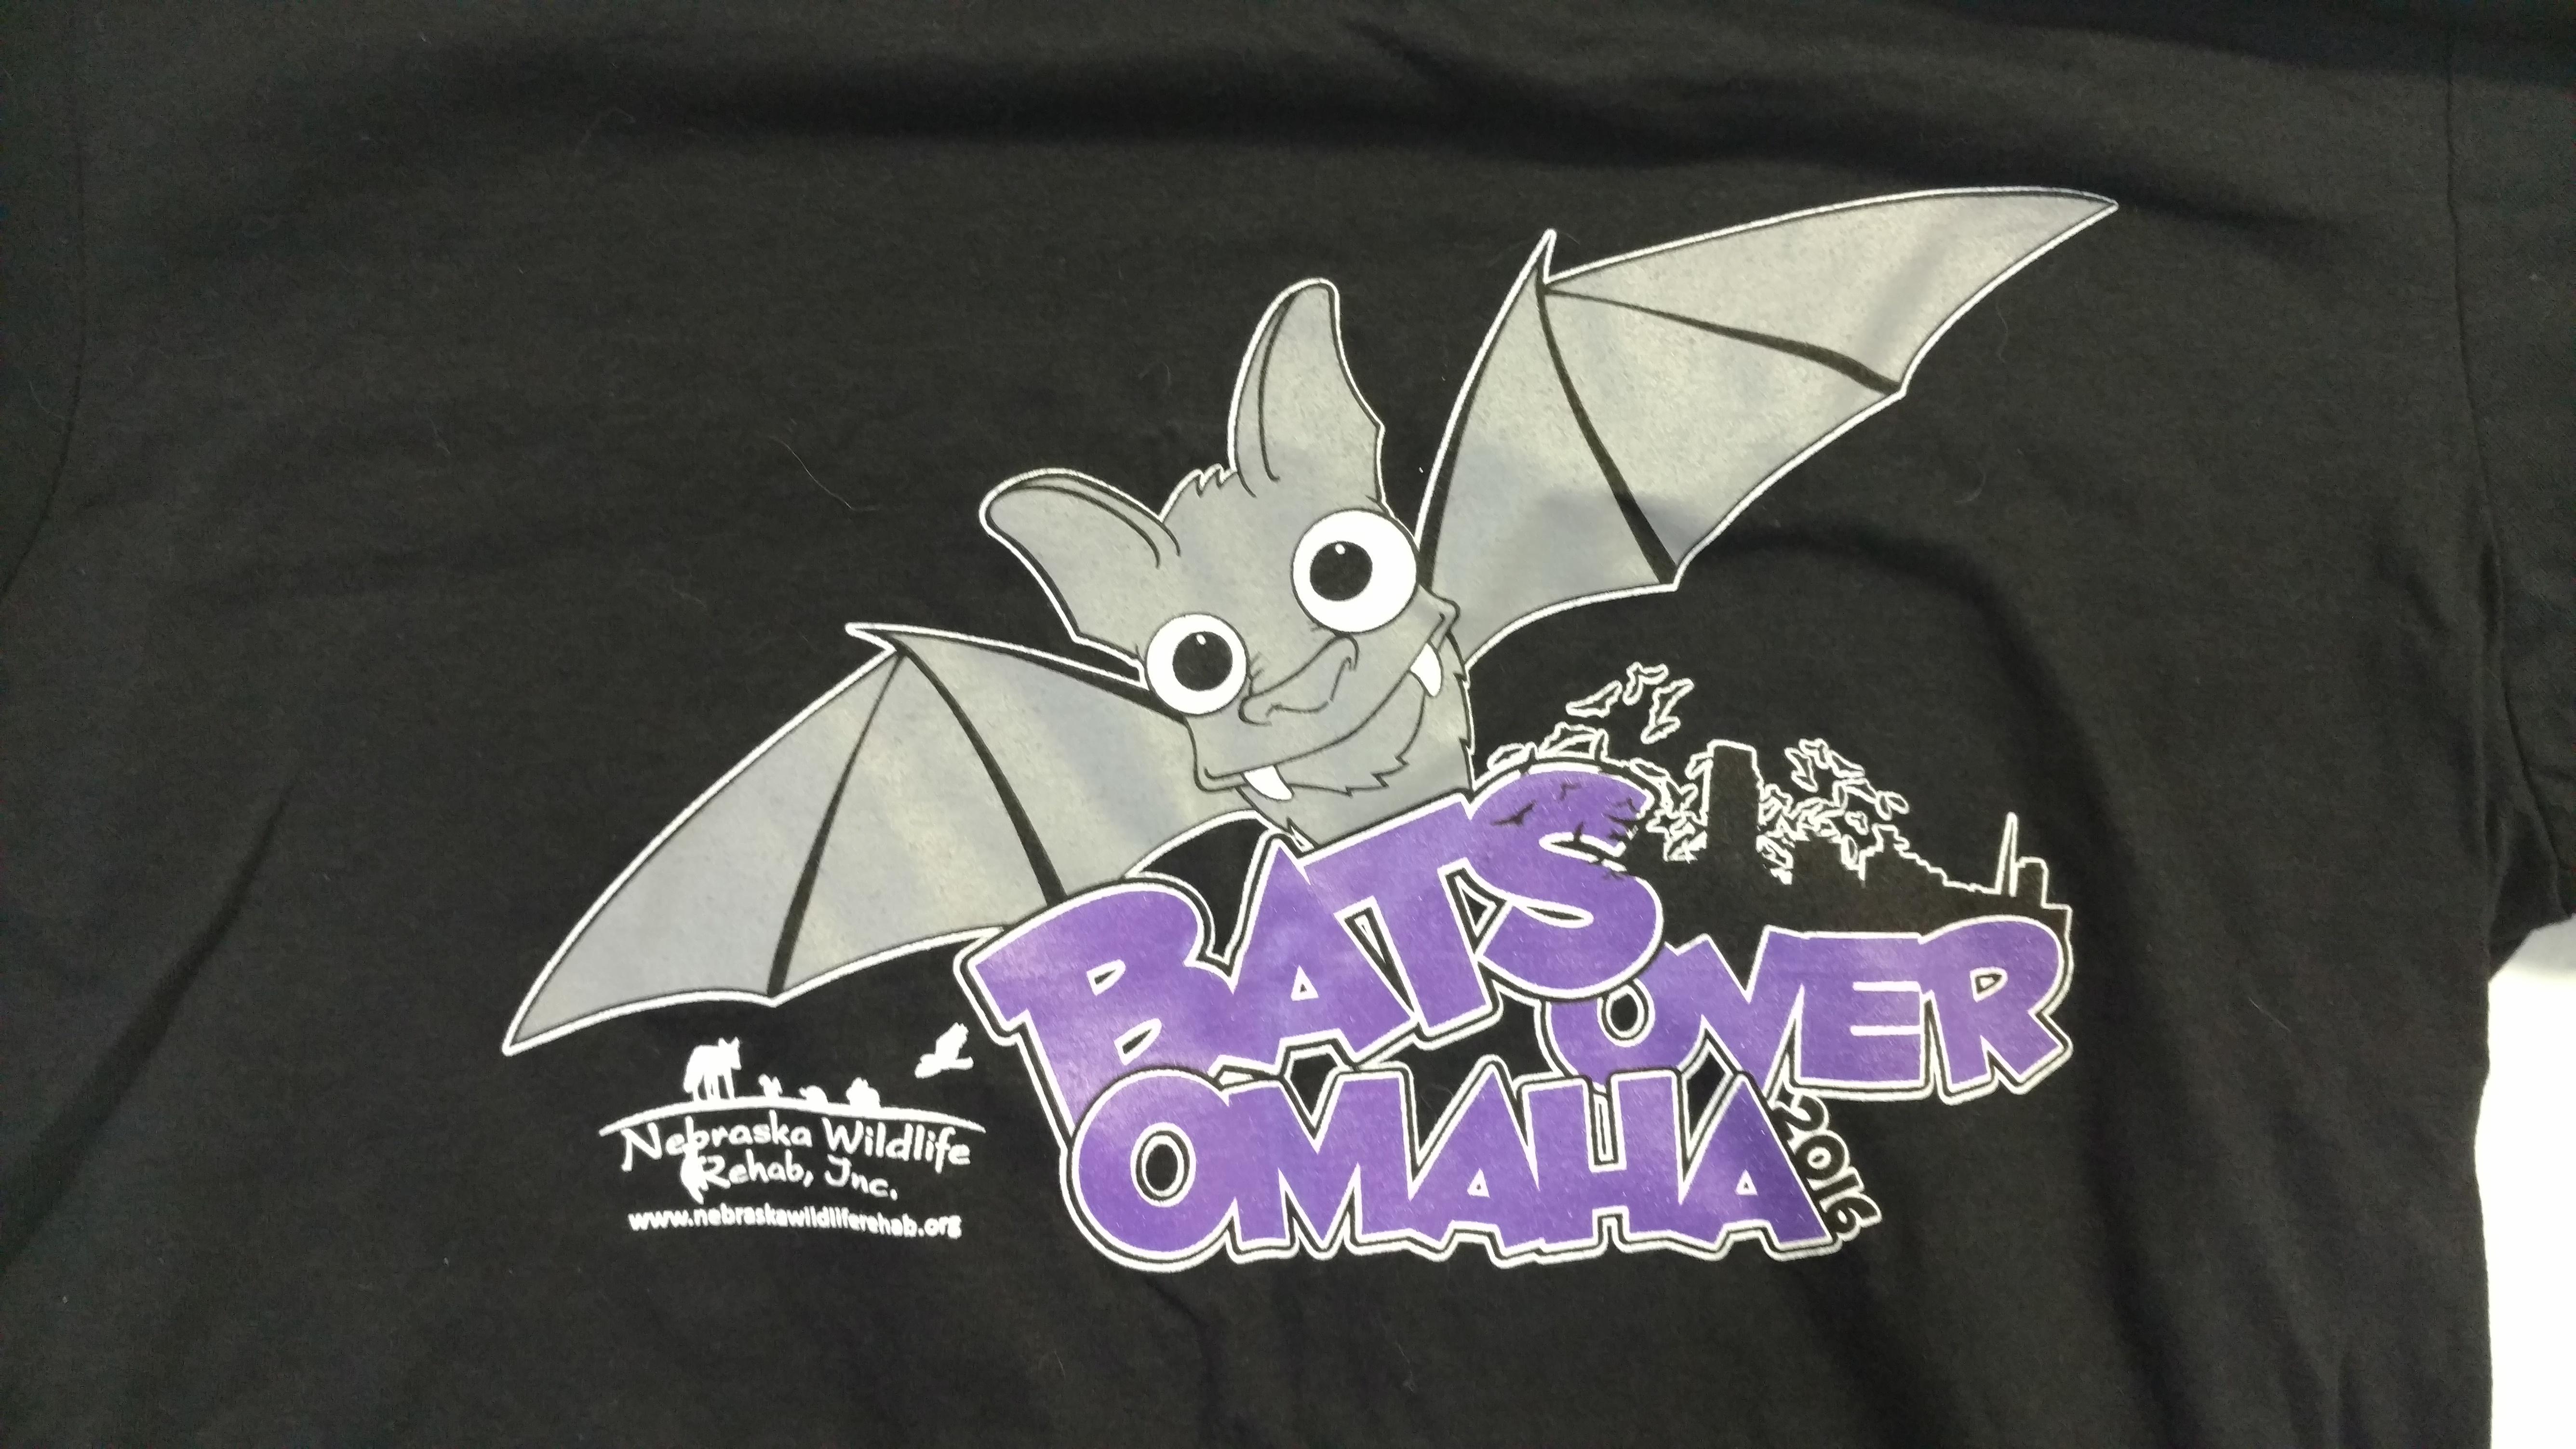 Bats Over Omaha Bat Release T-Shirt - 2016: Adult Medium, Black